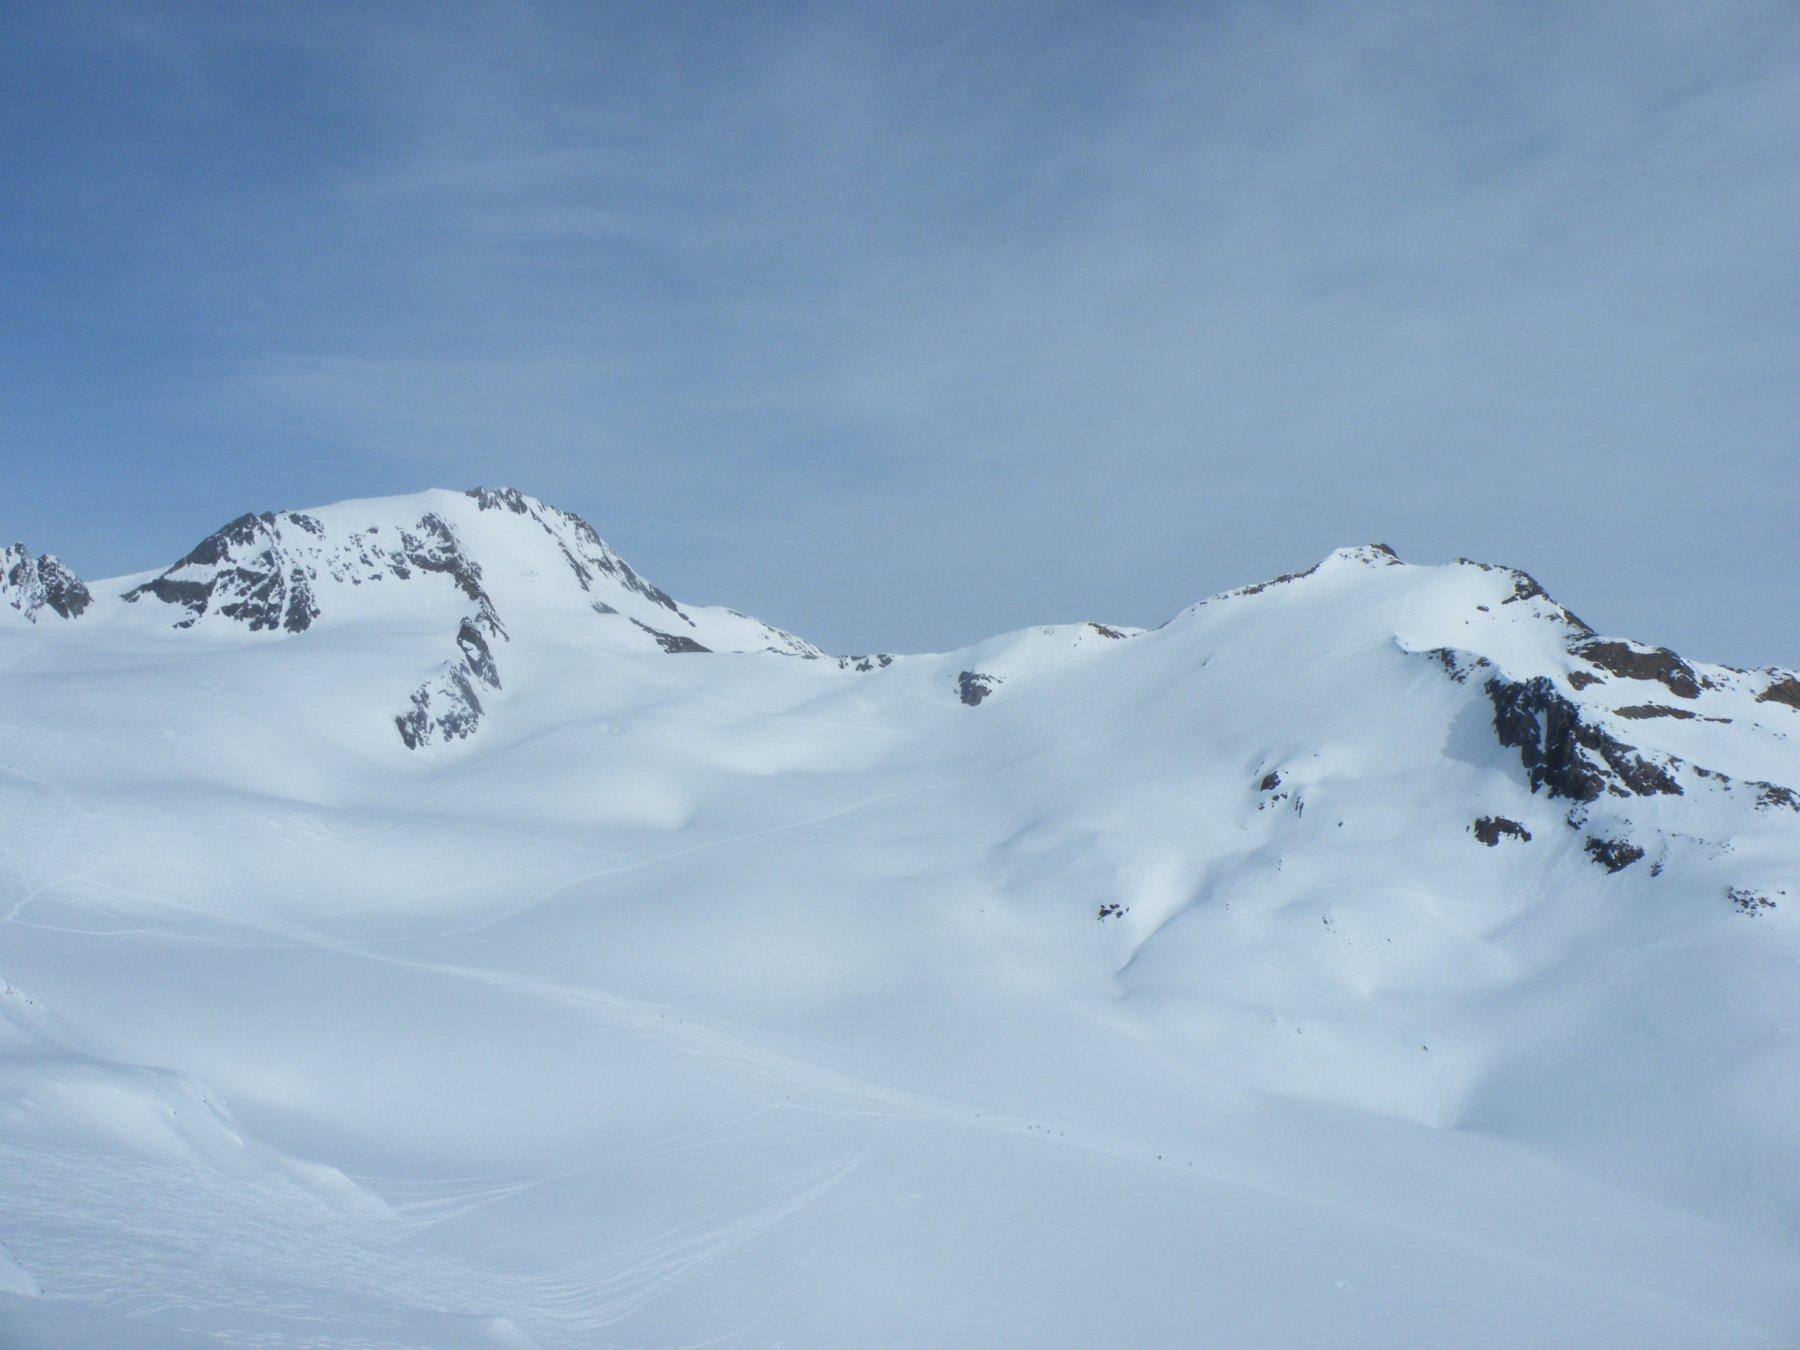 Il Palla Bianca a sinistra e La cima di Vallelunga a destra